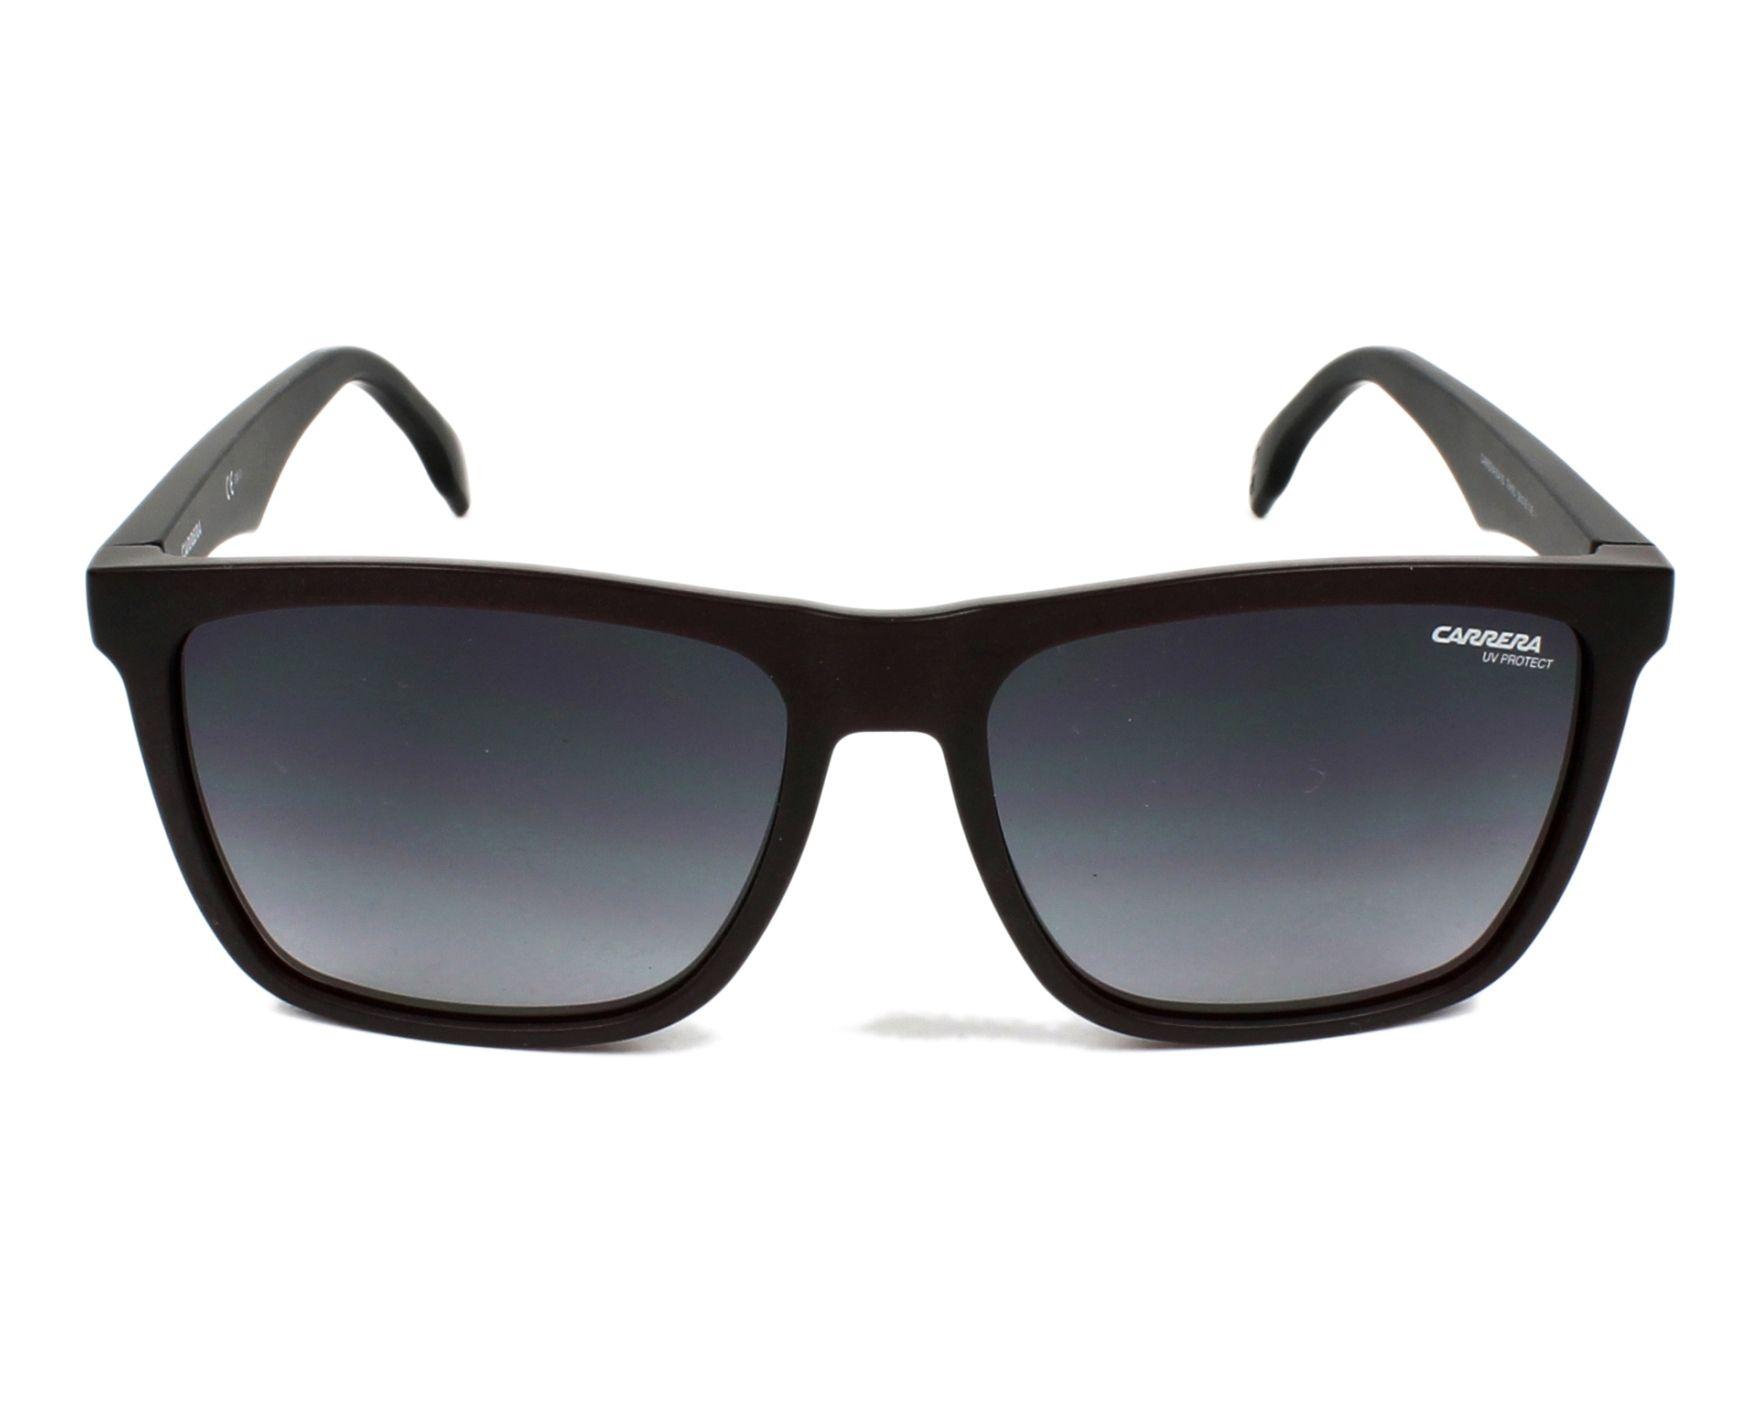 41ab26e6ba72cc Sunglasses Carrera 5041-S T9H 9O - Brown Black front view